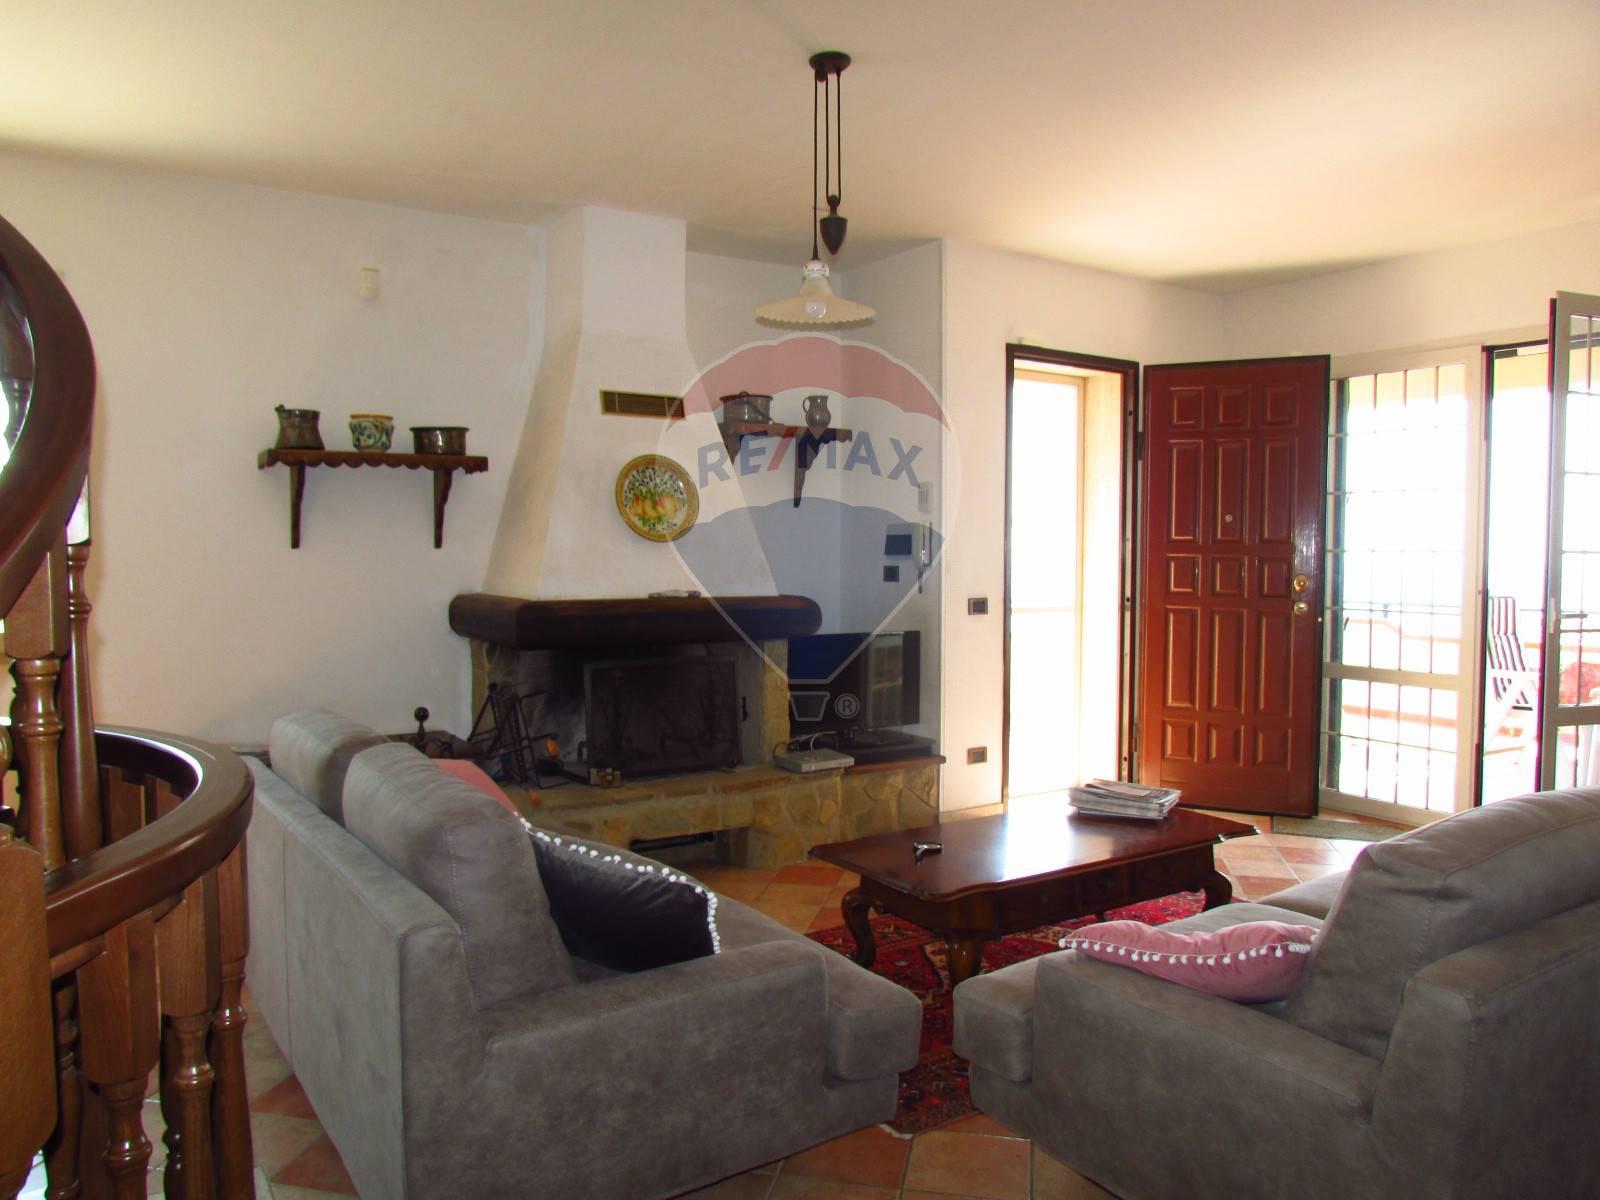 Villa in vendita a Sciacca (AG)